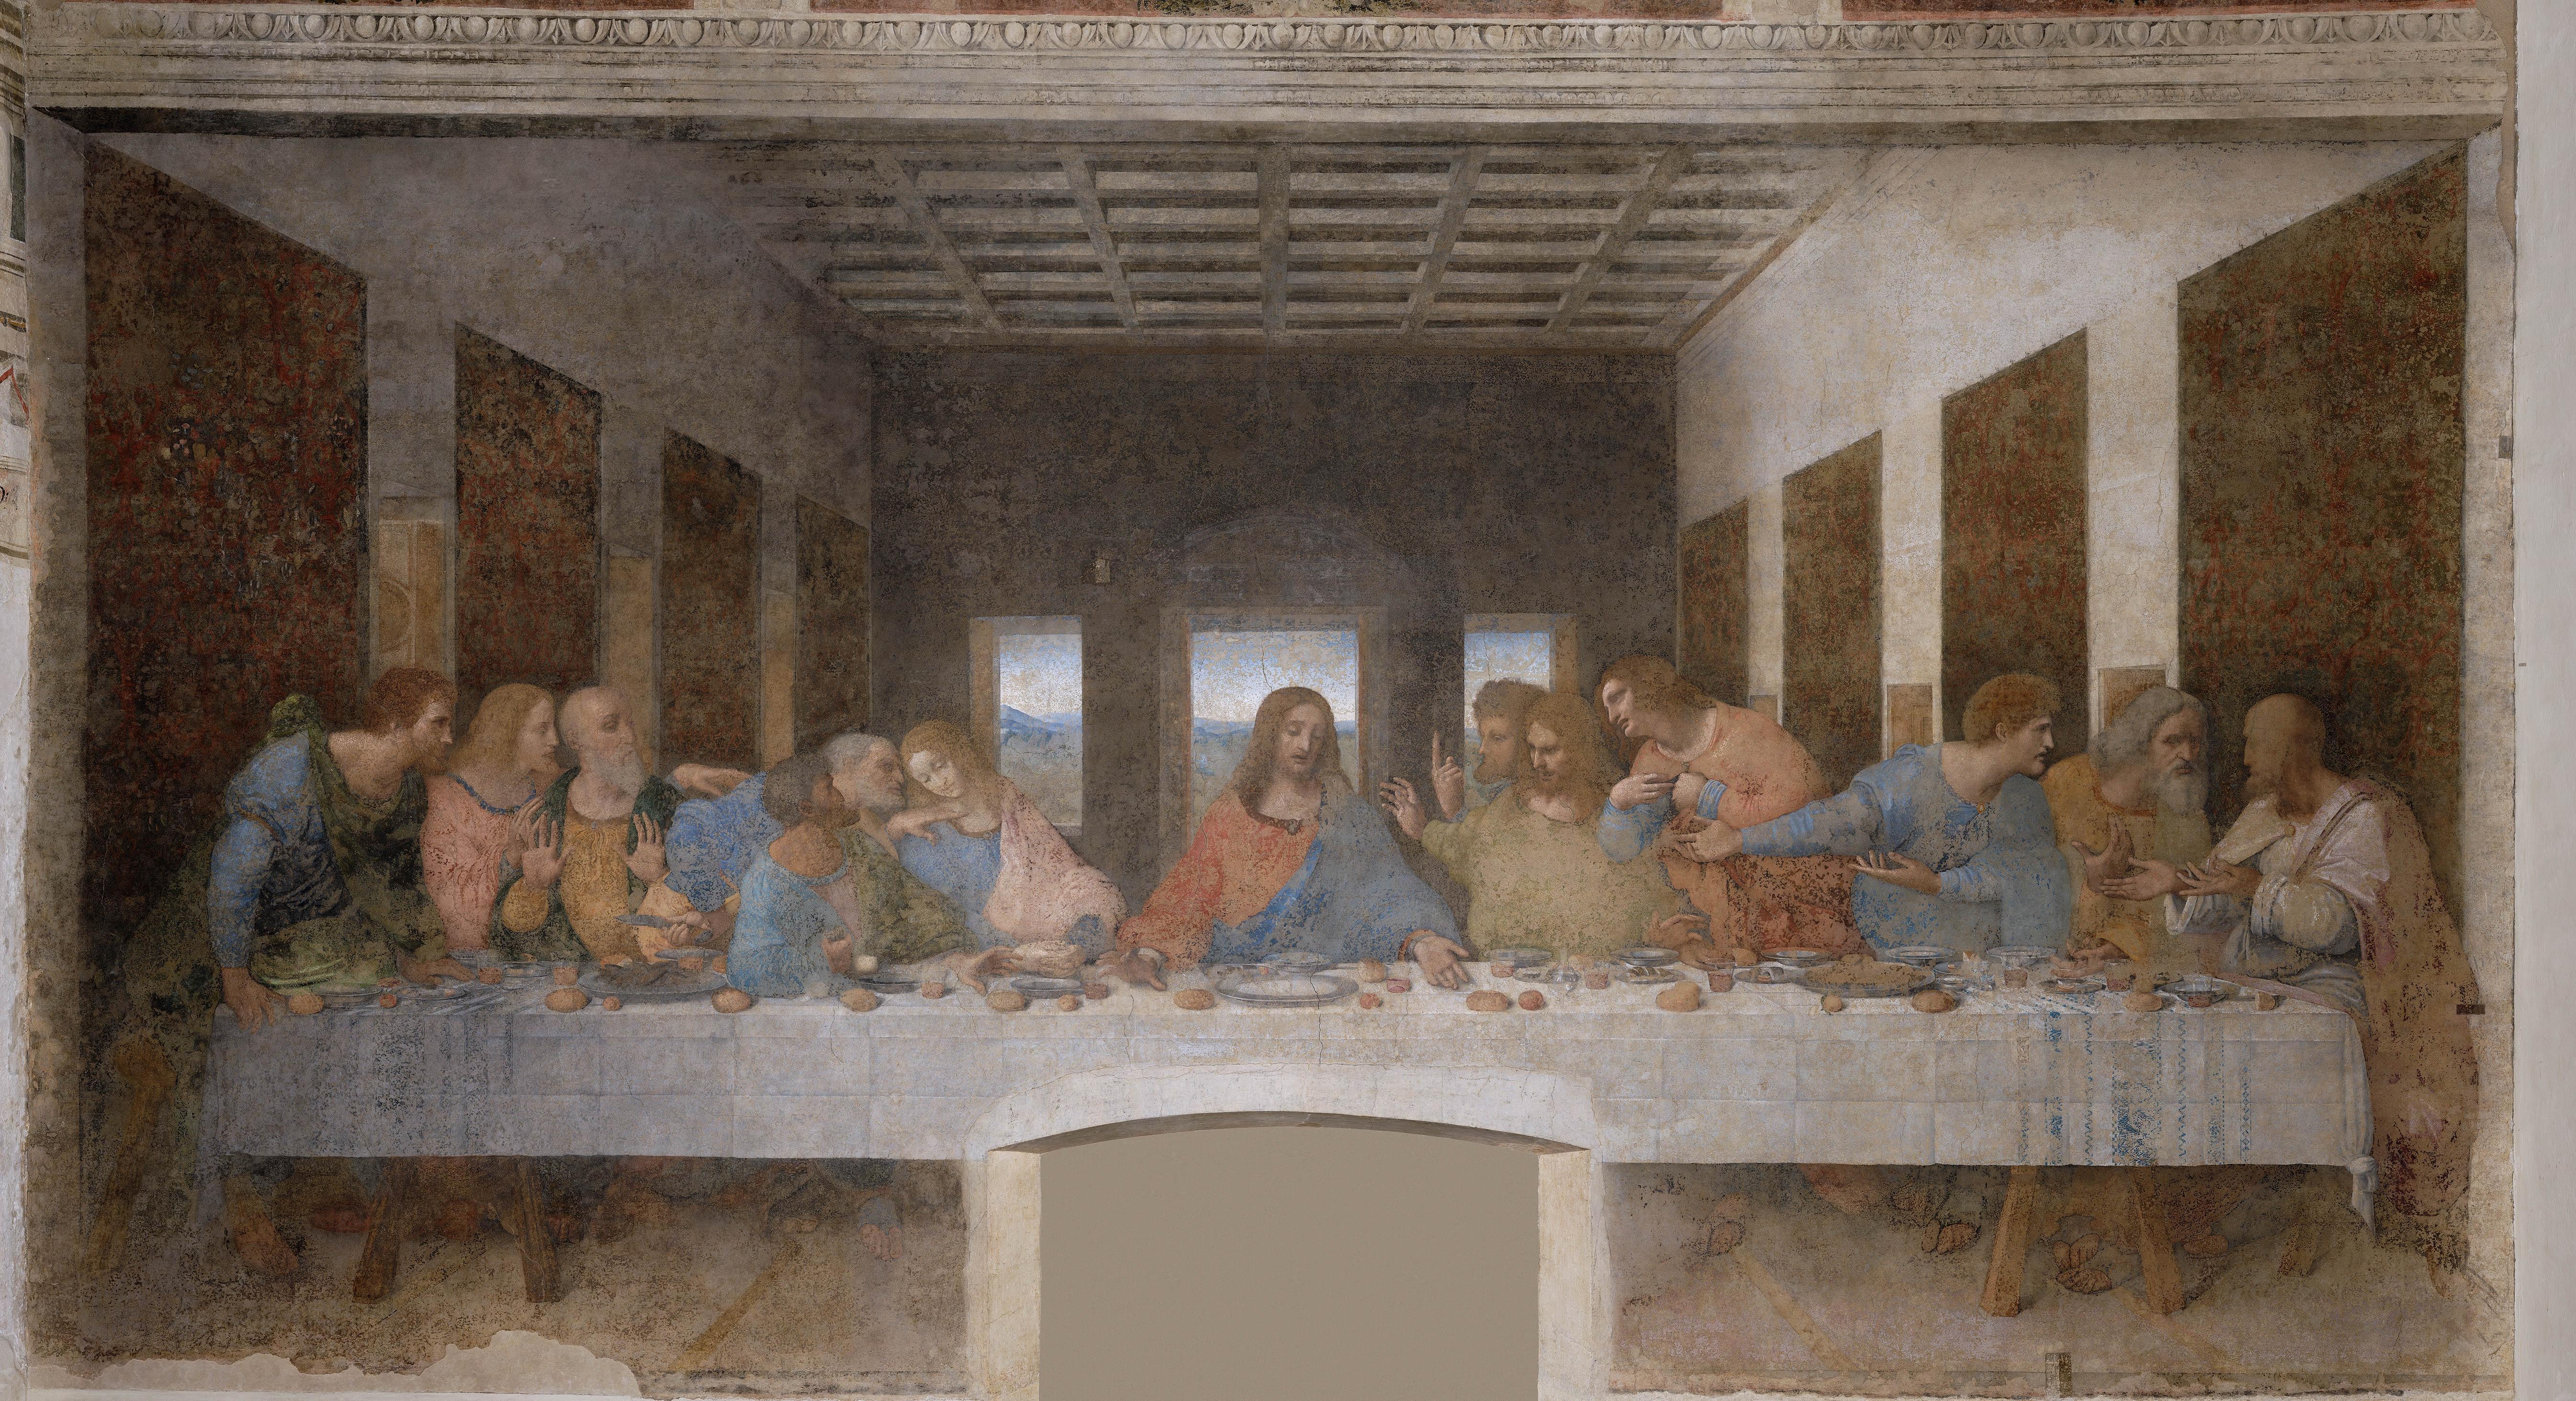 Leonardo Da Vinci The Last Supper Coloring Page Fileleonardo Da Vinci The Last Supper High Res Wikimedia